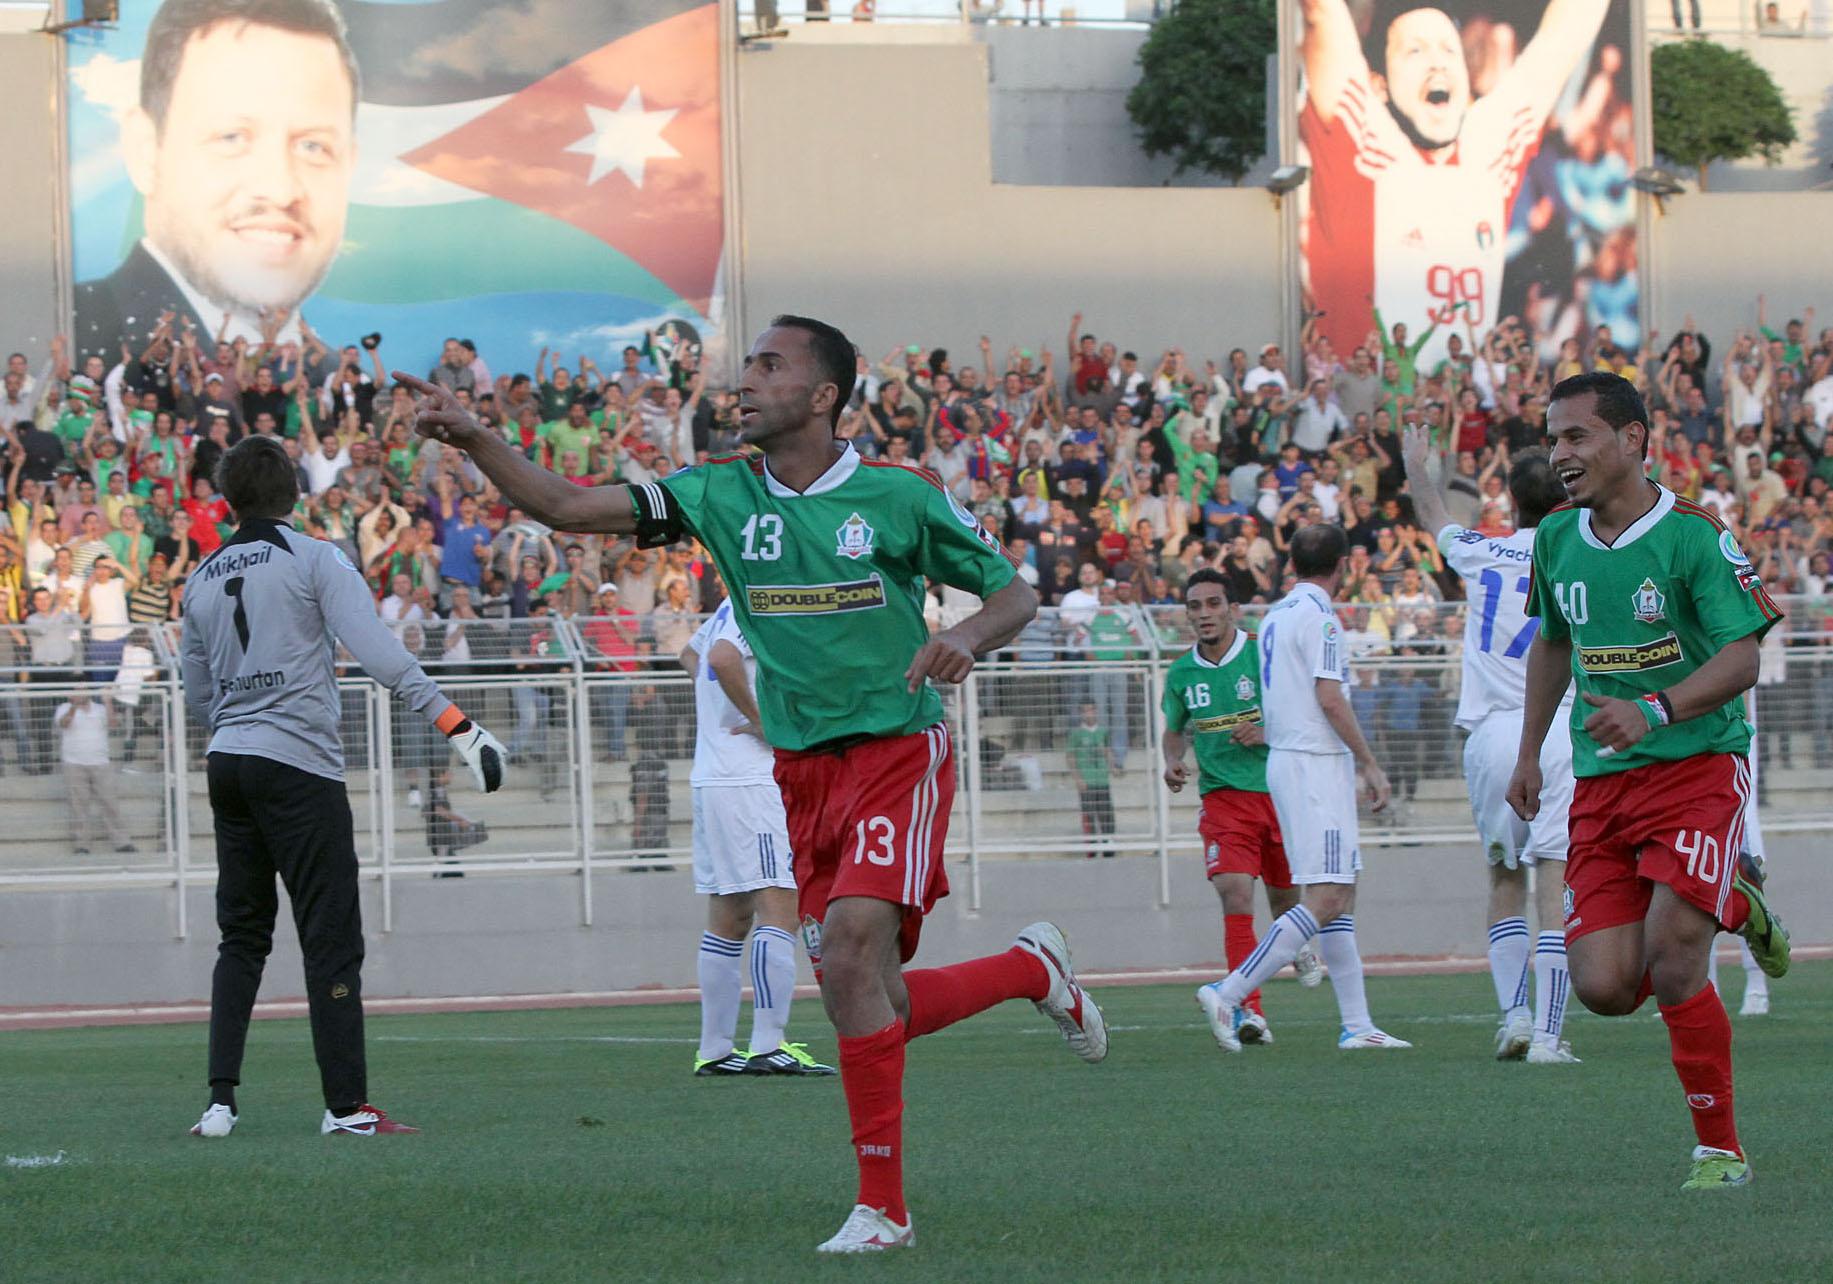 صور الوحداد الاردنى 17 صور الوحدادت الرياضي المغربي معلومات عن الوحداد الاردني